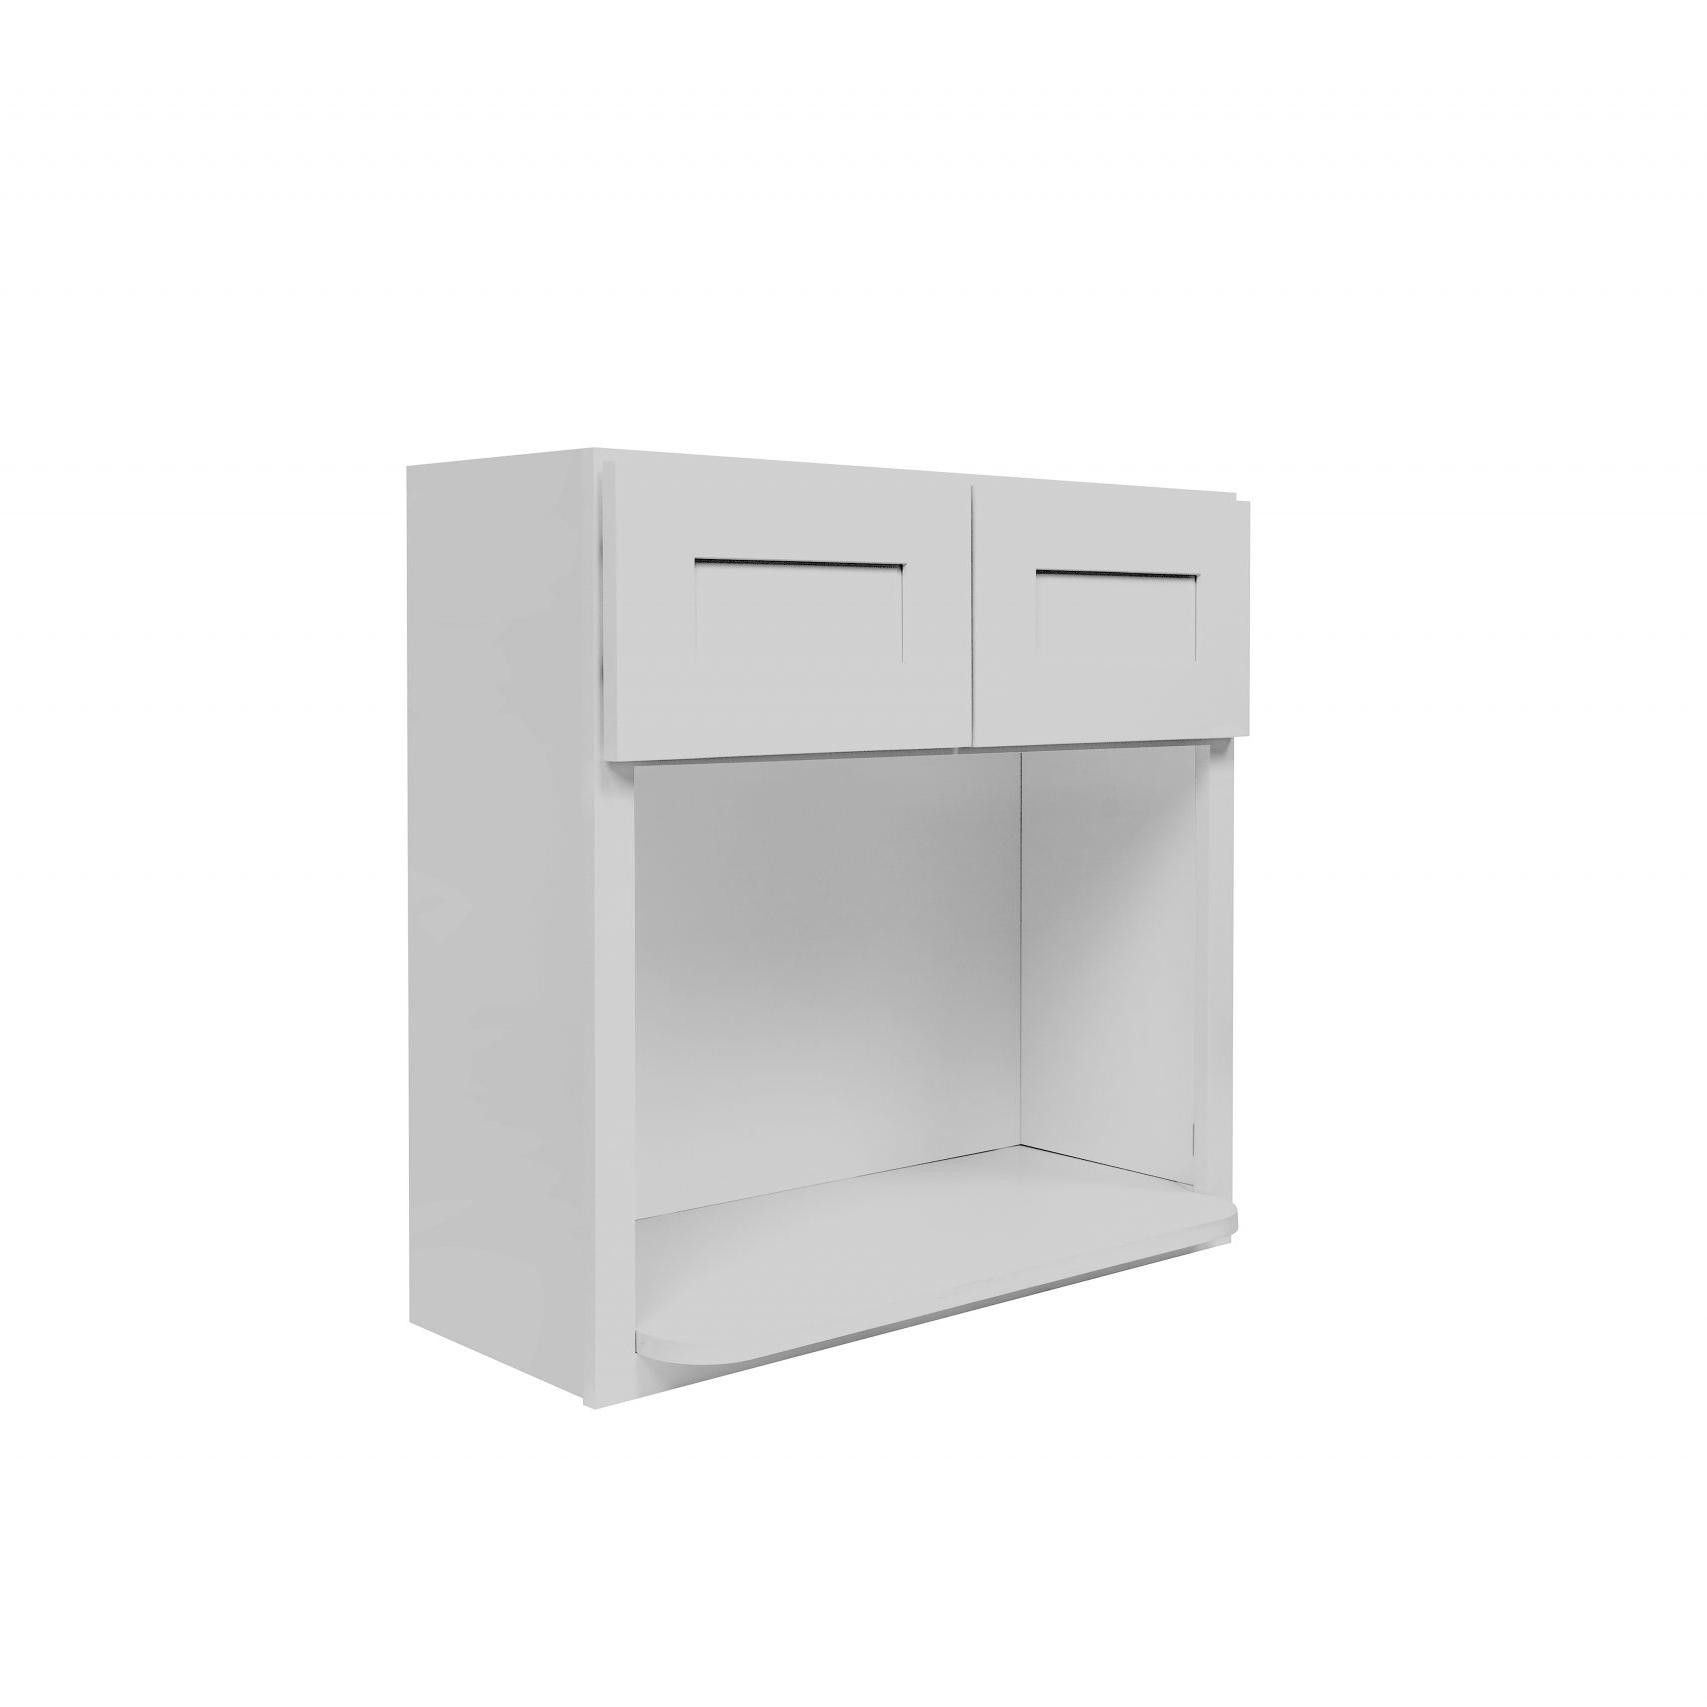 Gray Shaker Cabinetry WMC3030, WMC3036, WMC3042